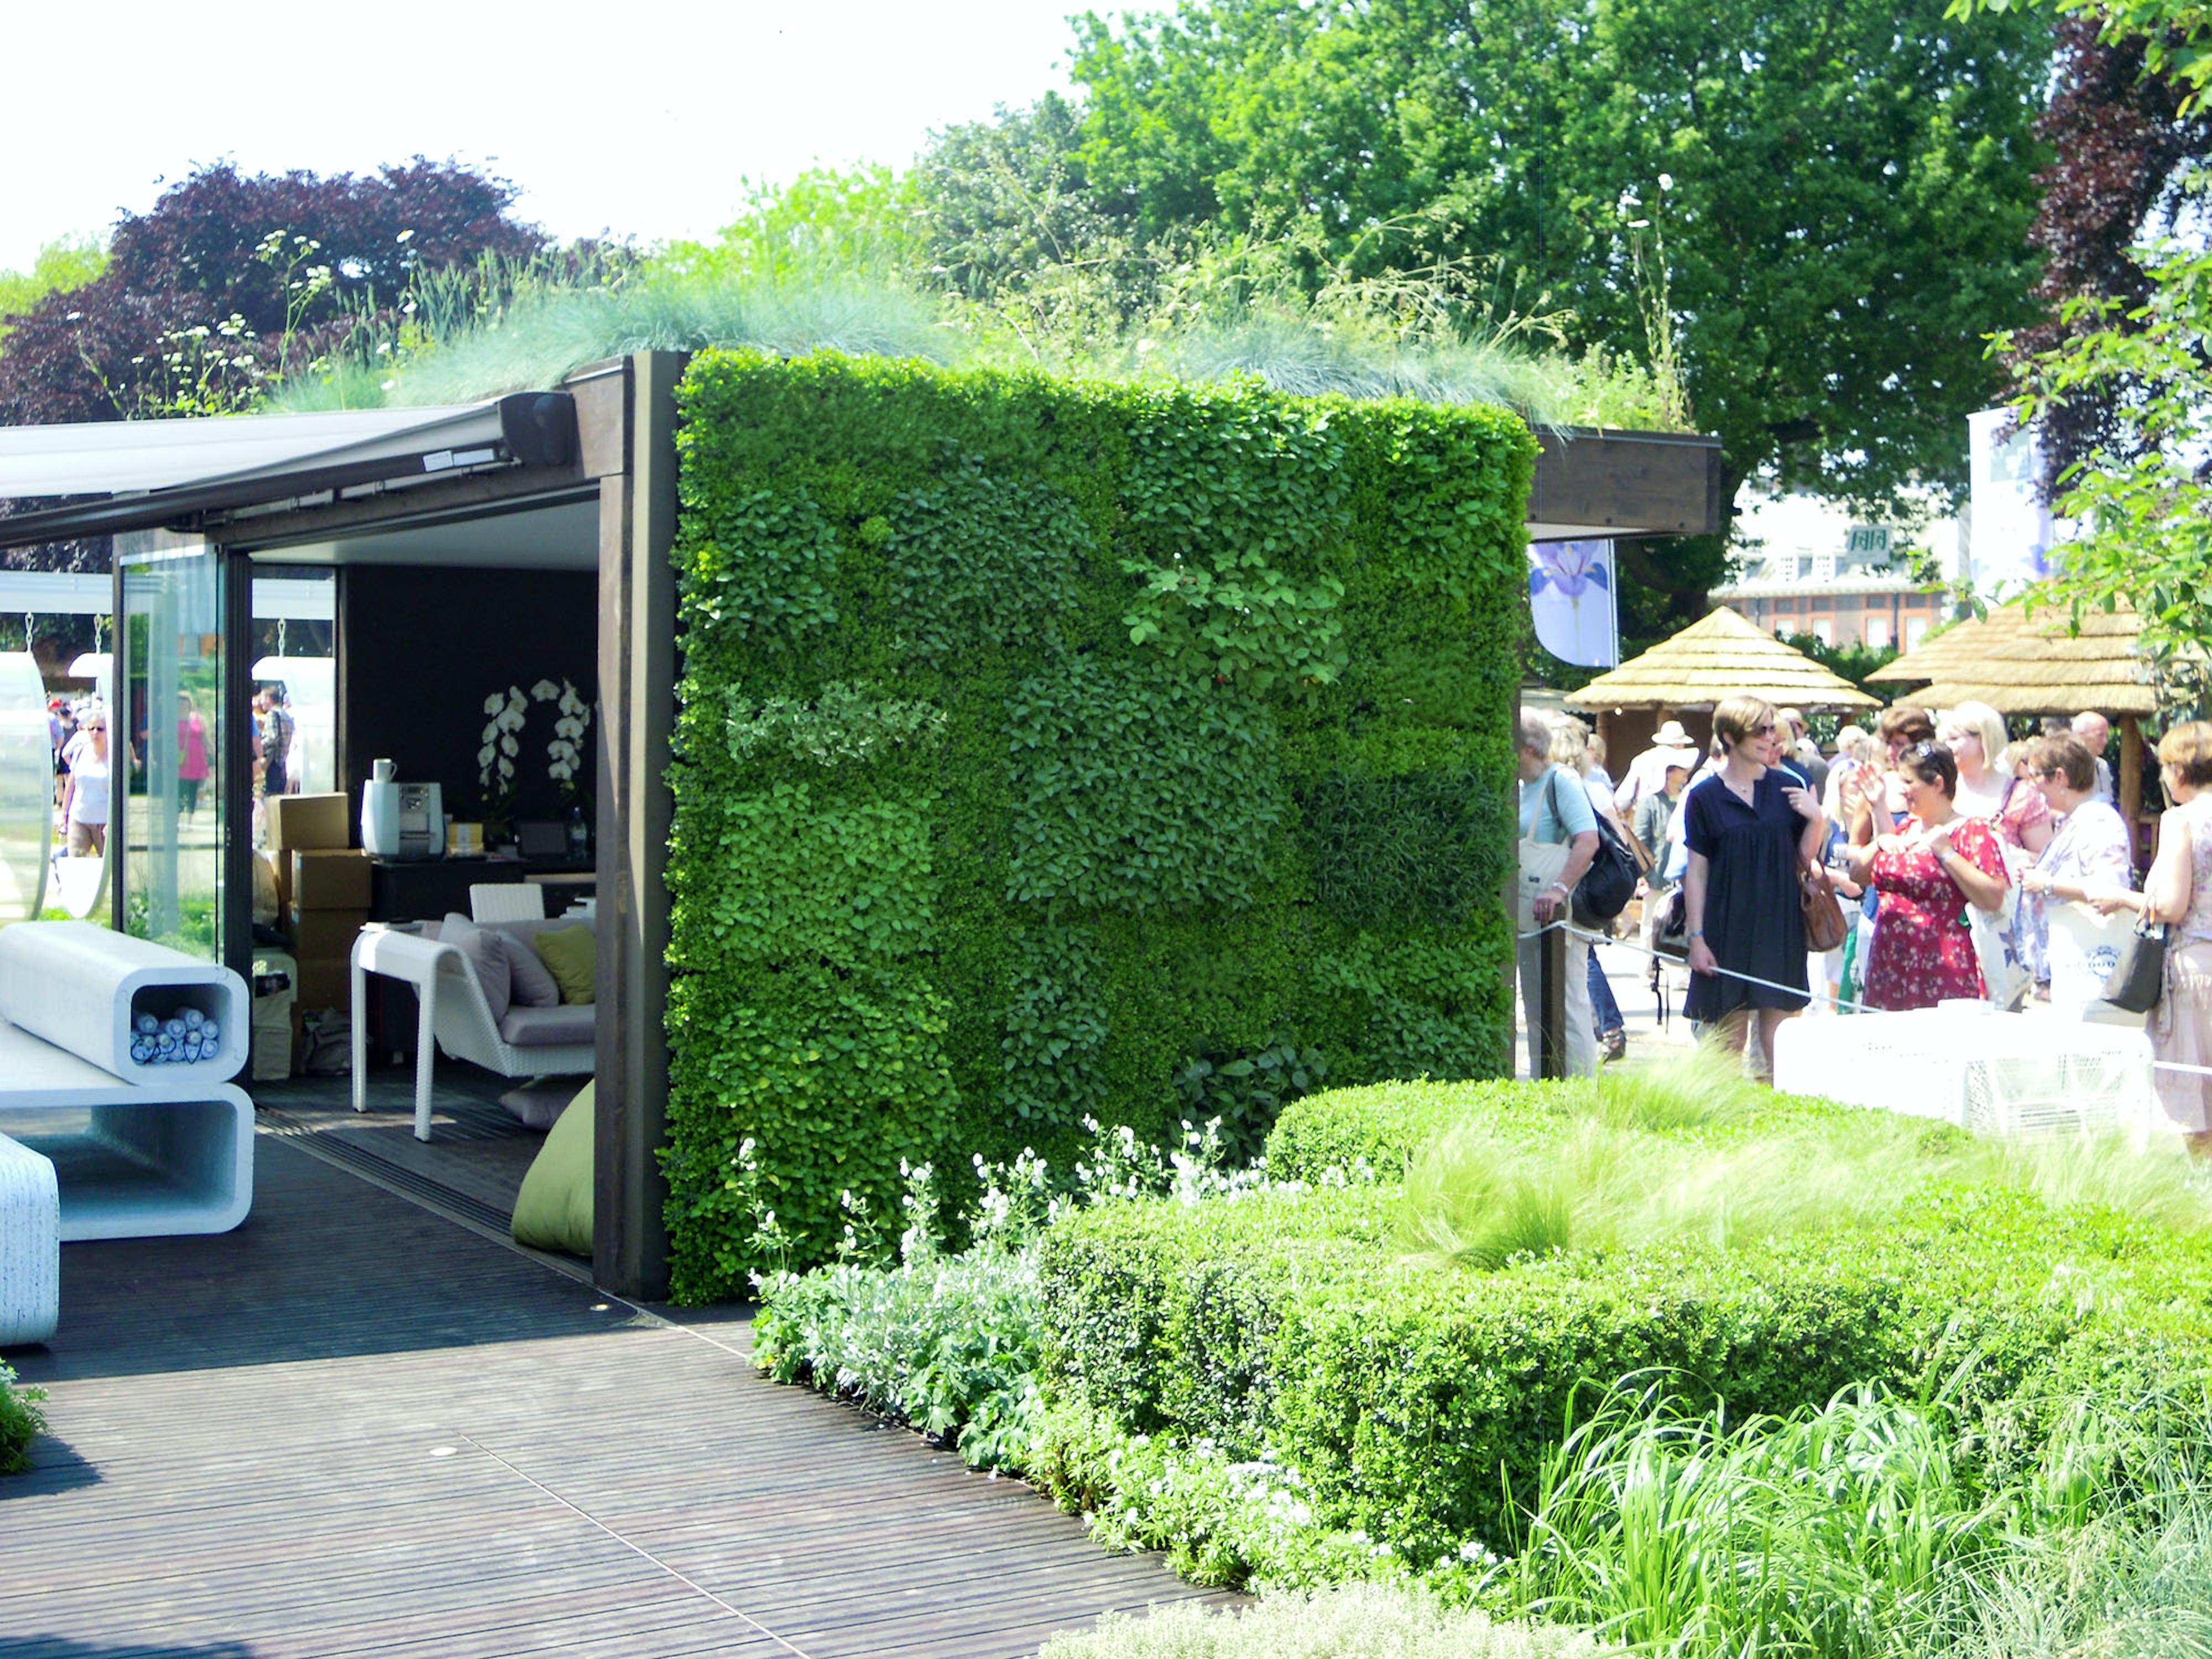 Chelsea Flower Show 2012